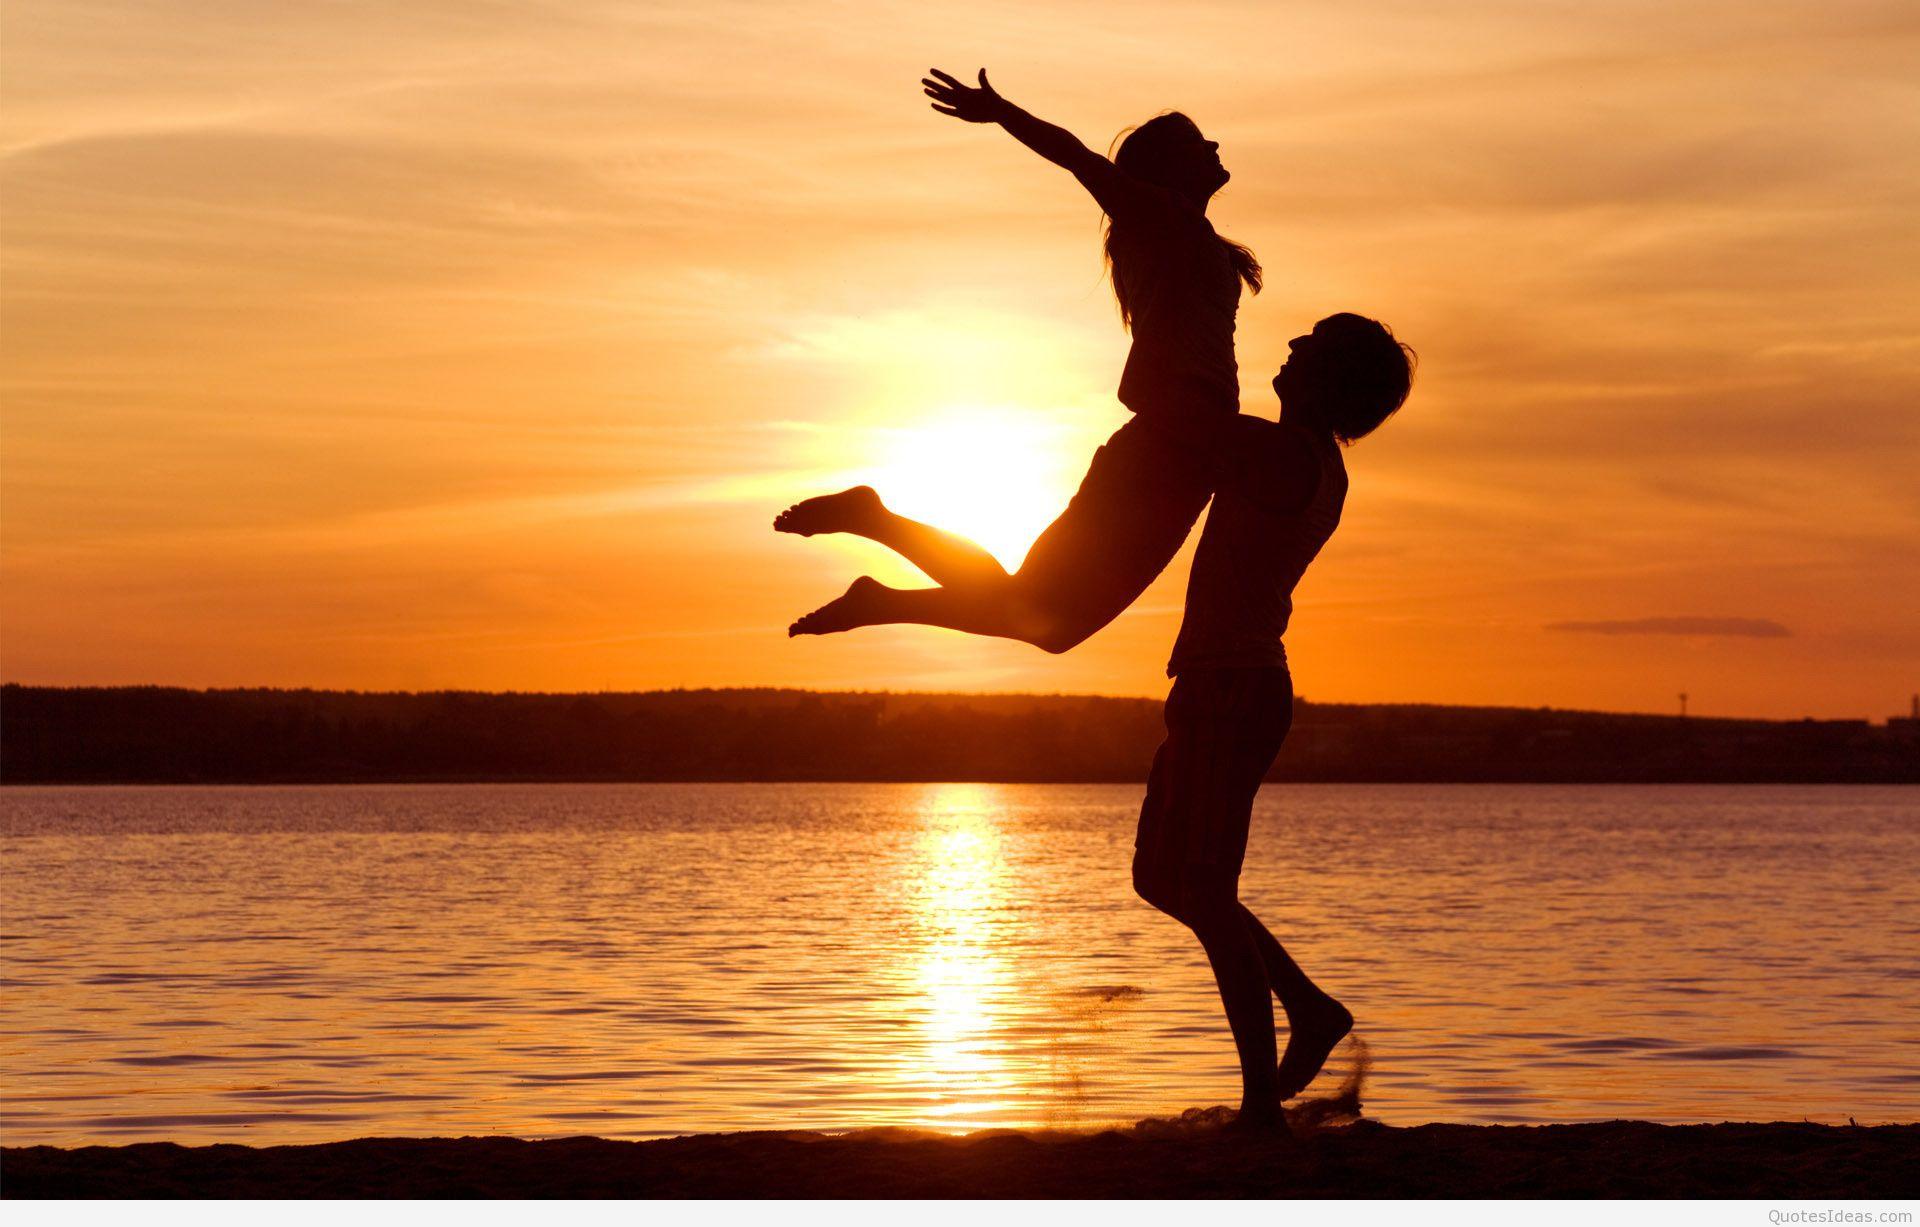 romance matrimonio pareja